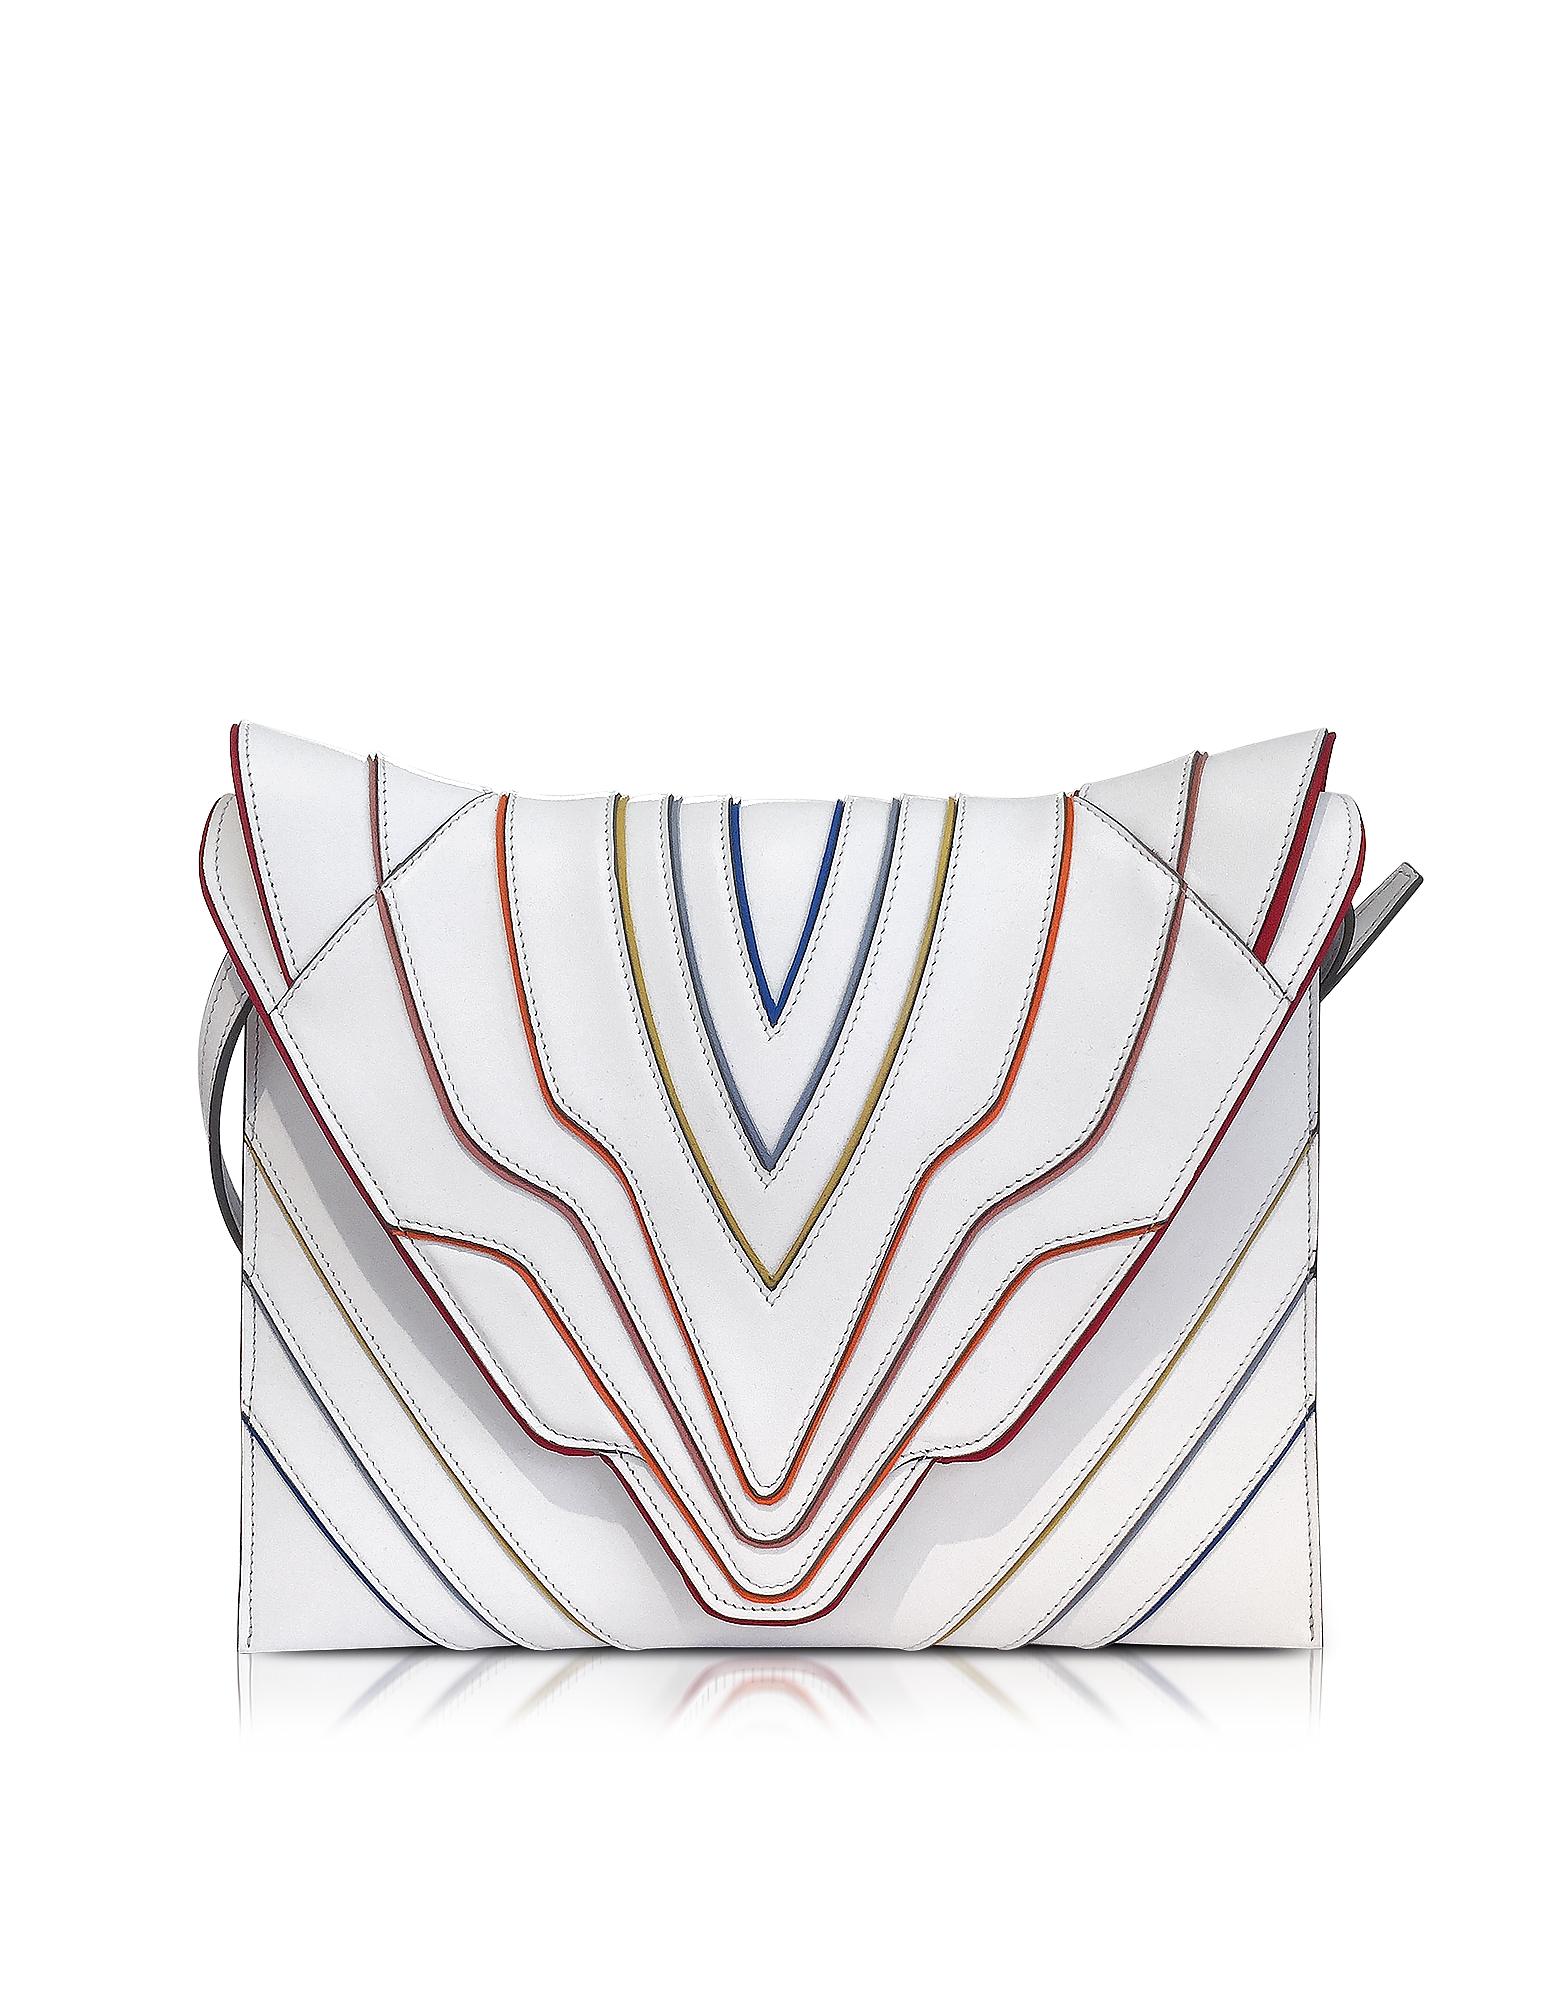 Фото Pochette Fatale - Белый Кожаный Клатч с Цветными Линиями. Купить с доставкой